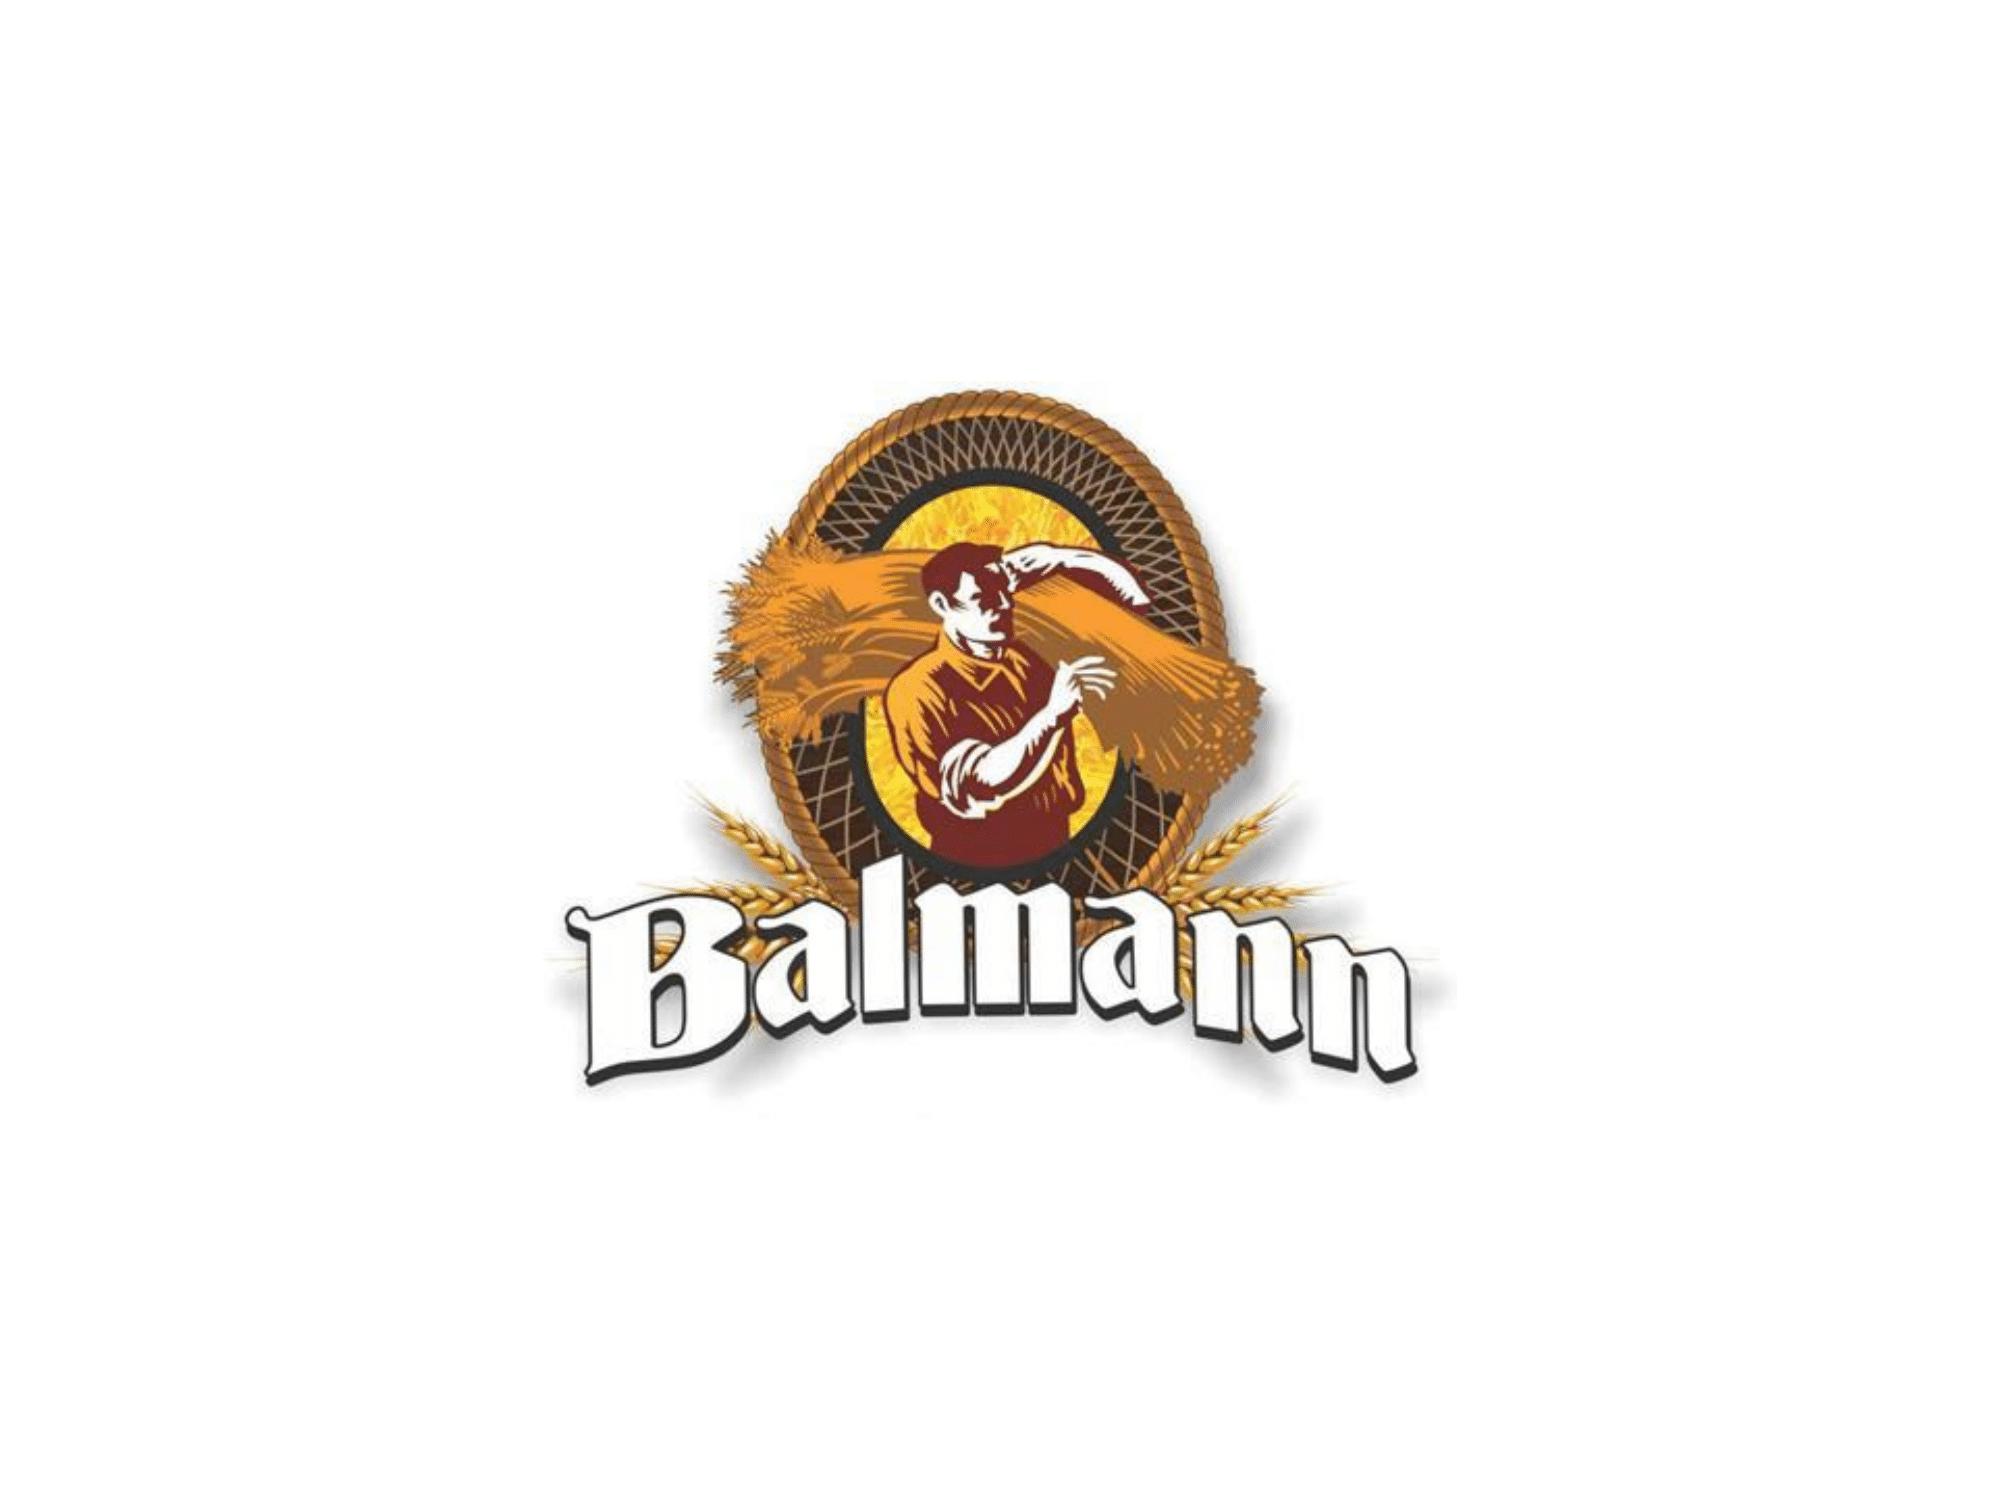 Balmann